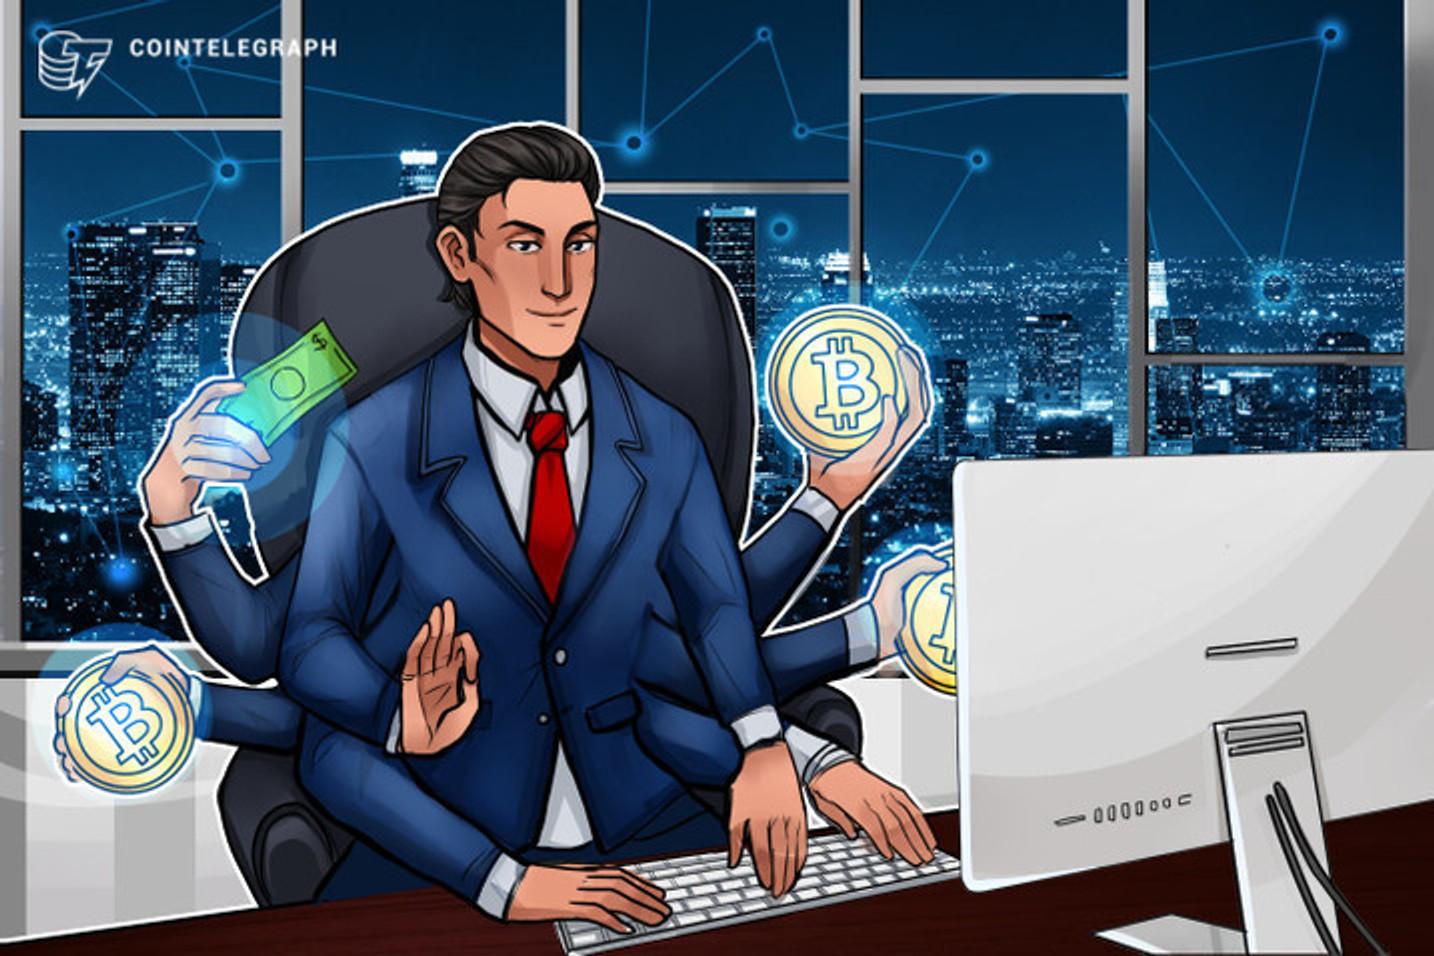 Nubank, institución que brinda cashback para invertir en Bitcoin, es elegido el mejor banco de Latinoamérica en 2021